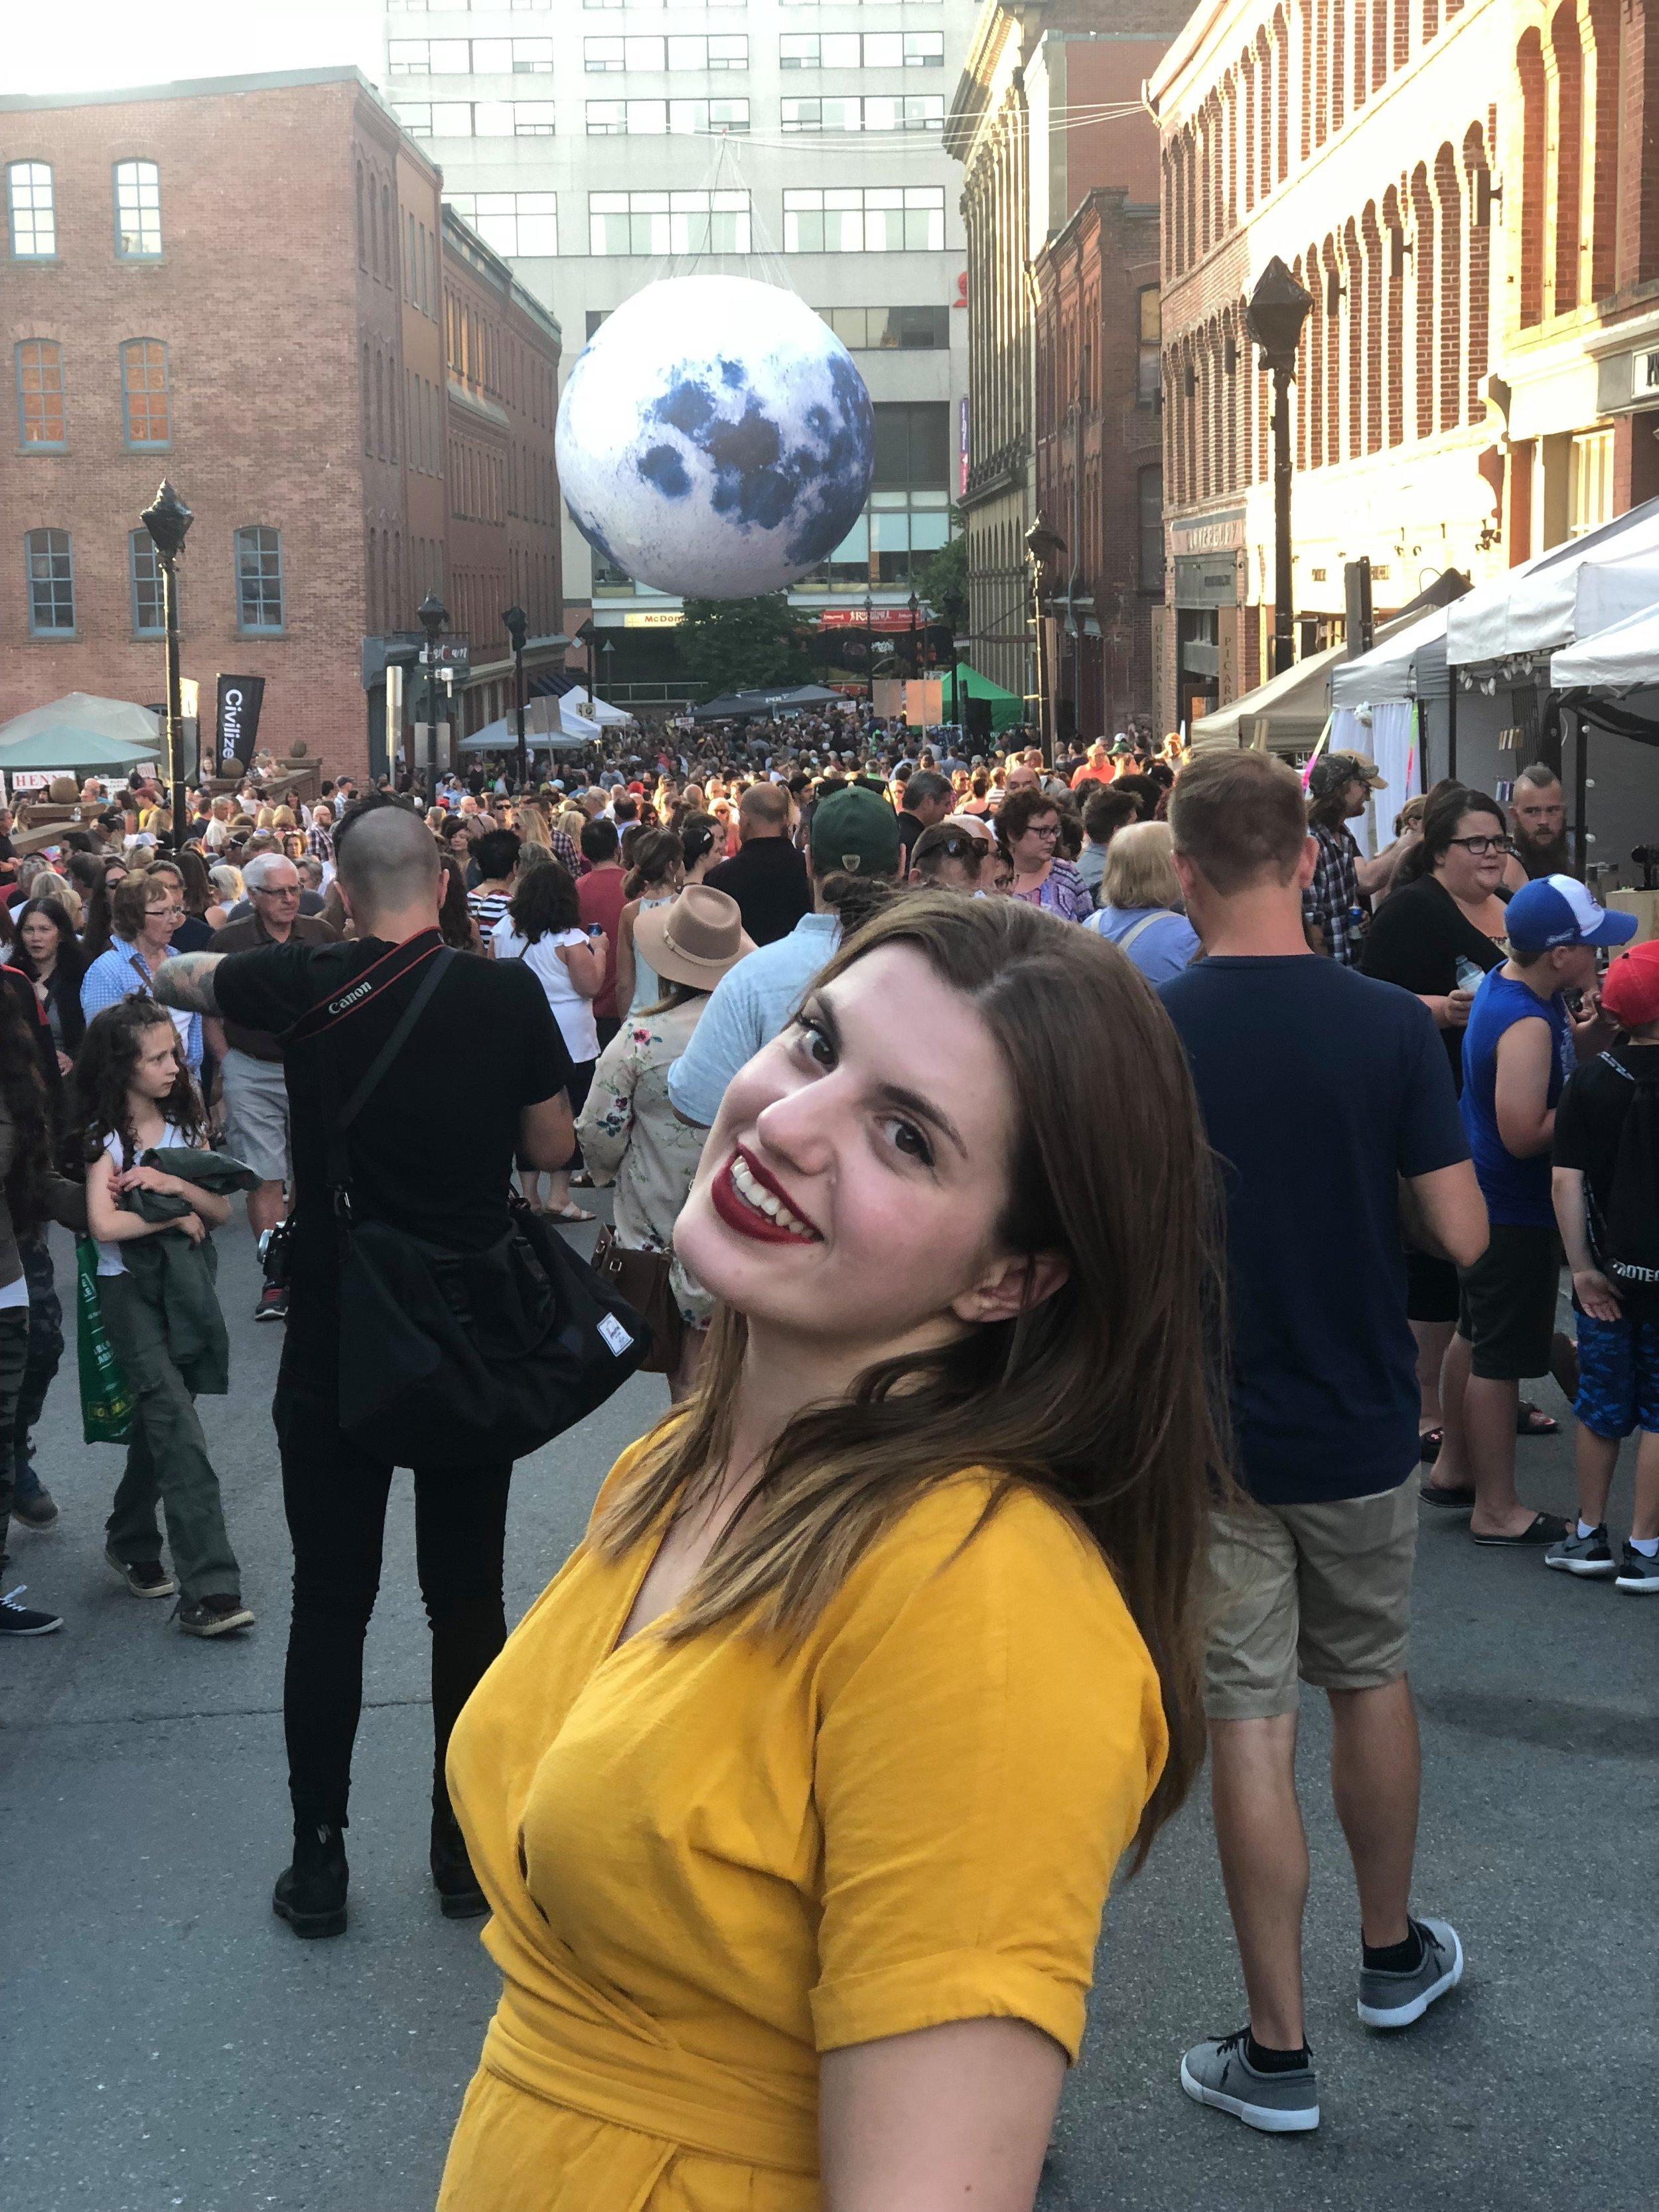 Laura-Beth Bird. Moonlight Bazaar. 2019. Photo Credit: Phillip Curley